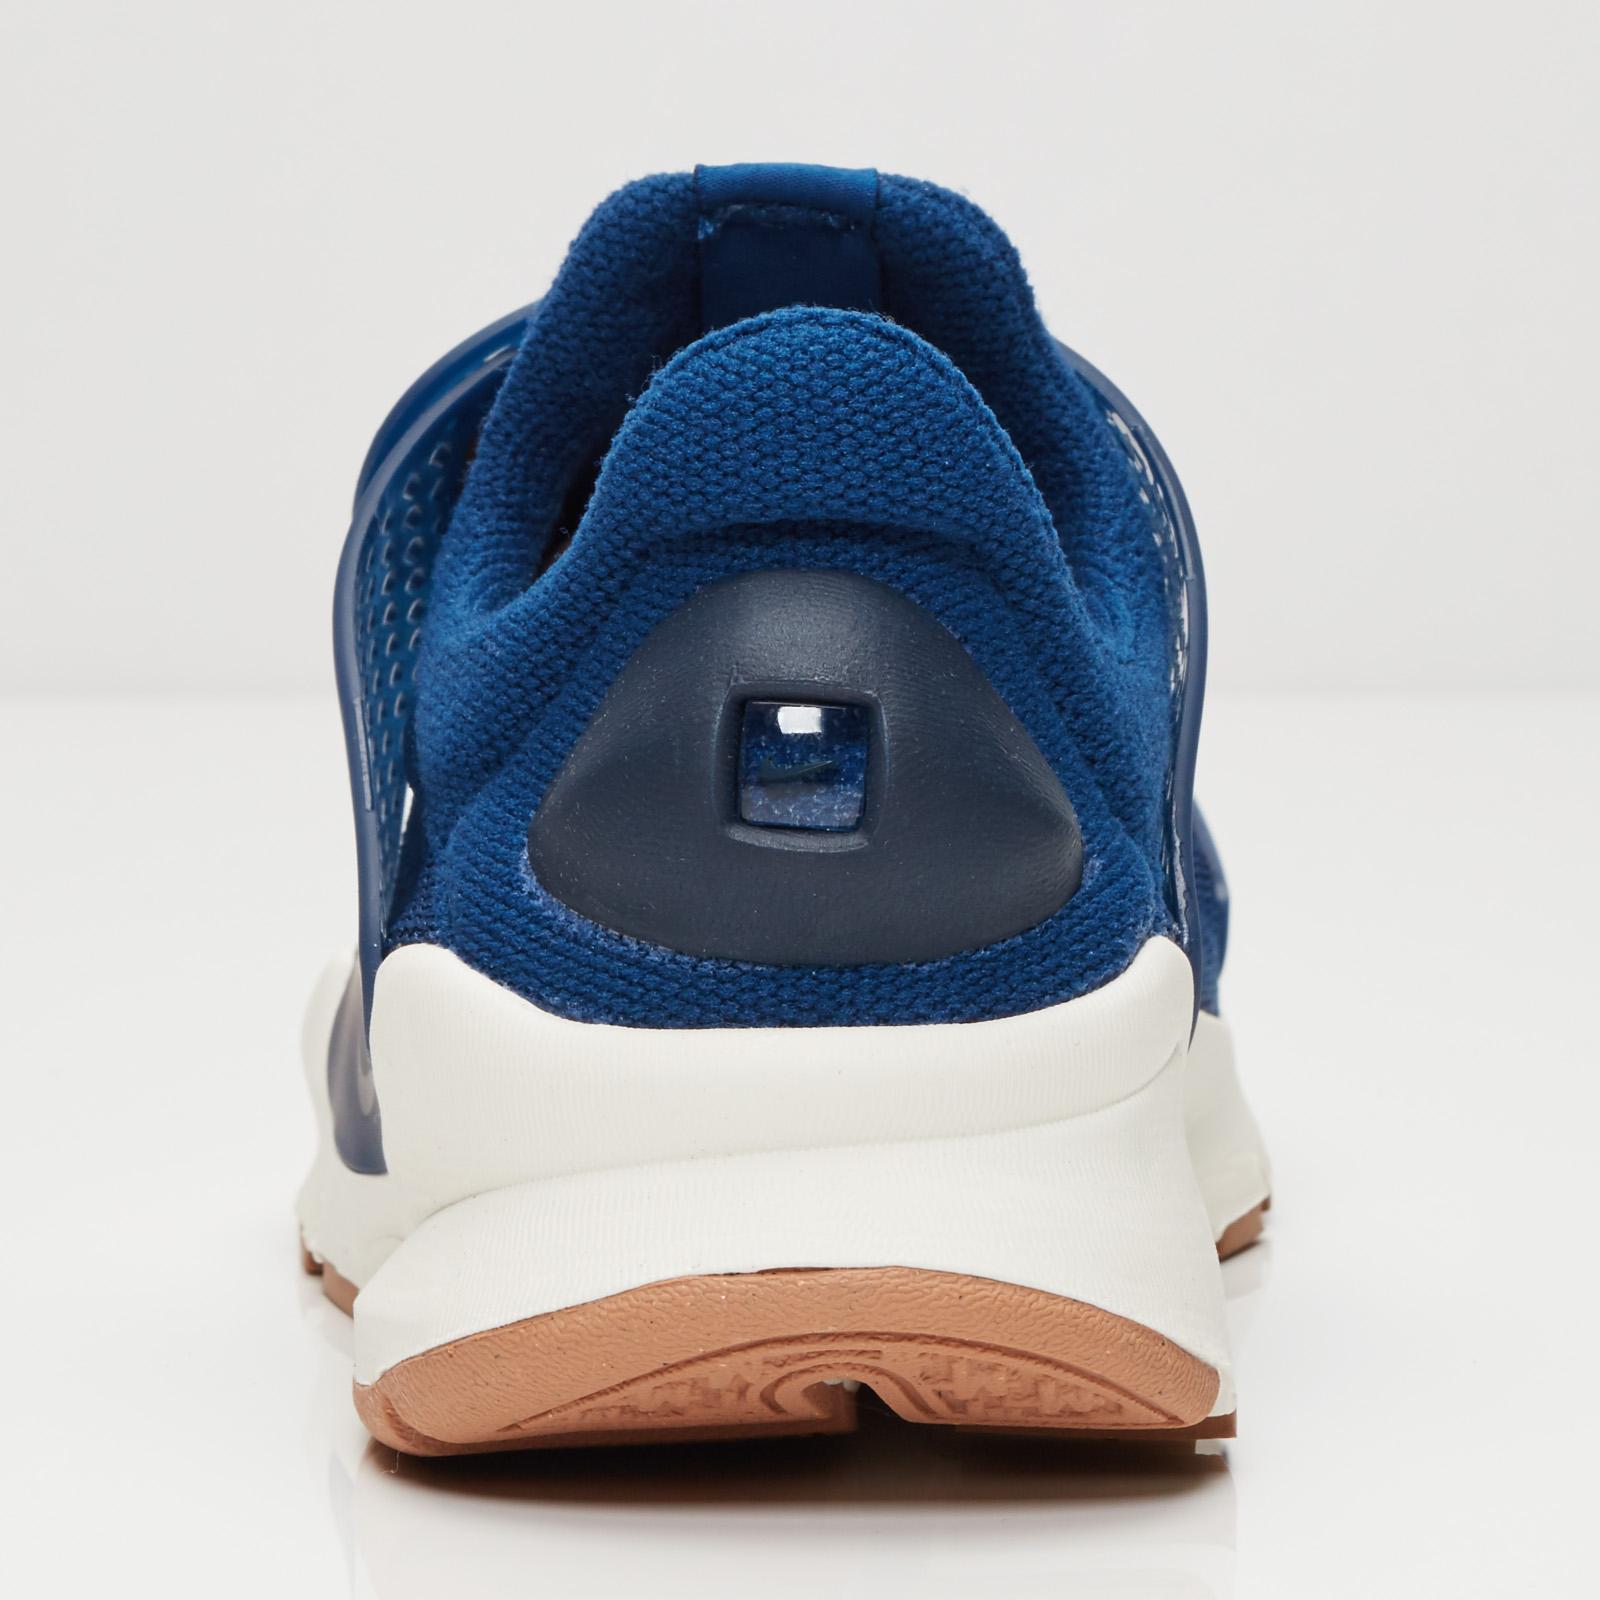 finest selection a39a2 ac28a ... Nike Wmns Sock Dart